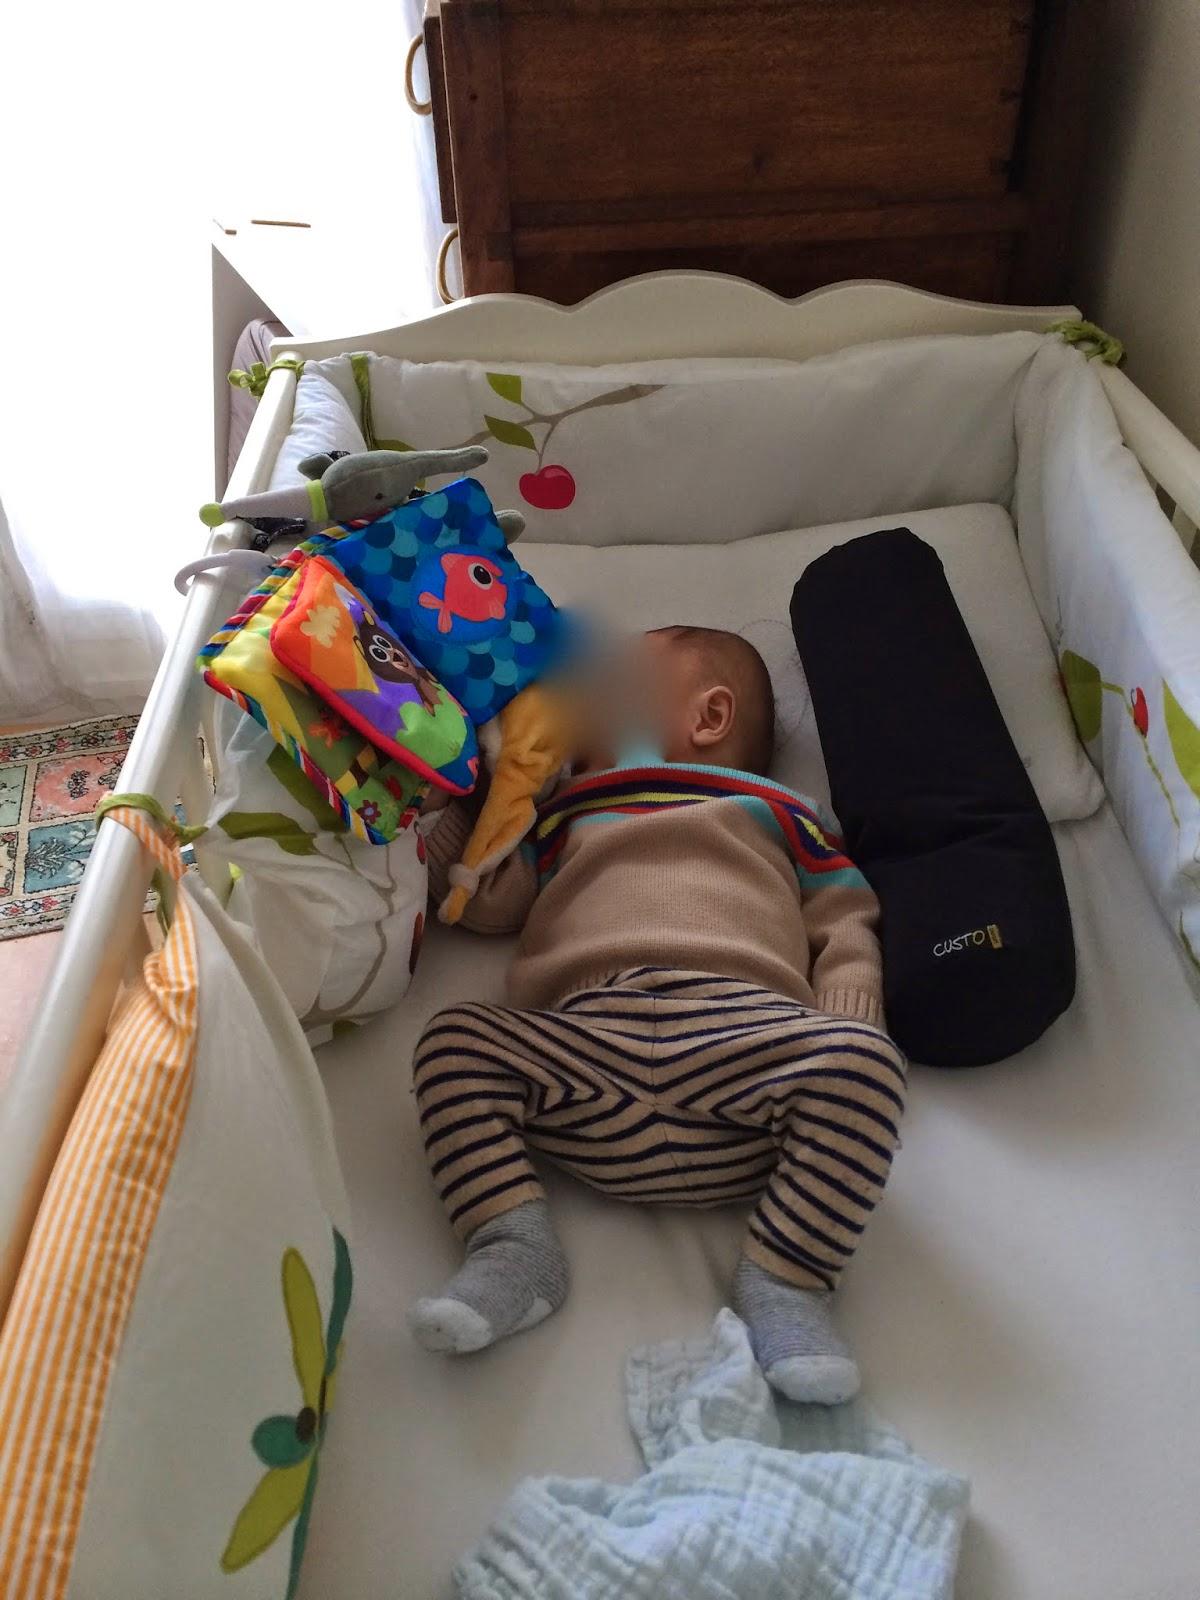 blog d 39 une jeune maman astuces conseils tests produits activit s avec b b syndrome de la. Black Bedroom Furniture Sets. Home Design Ideas